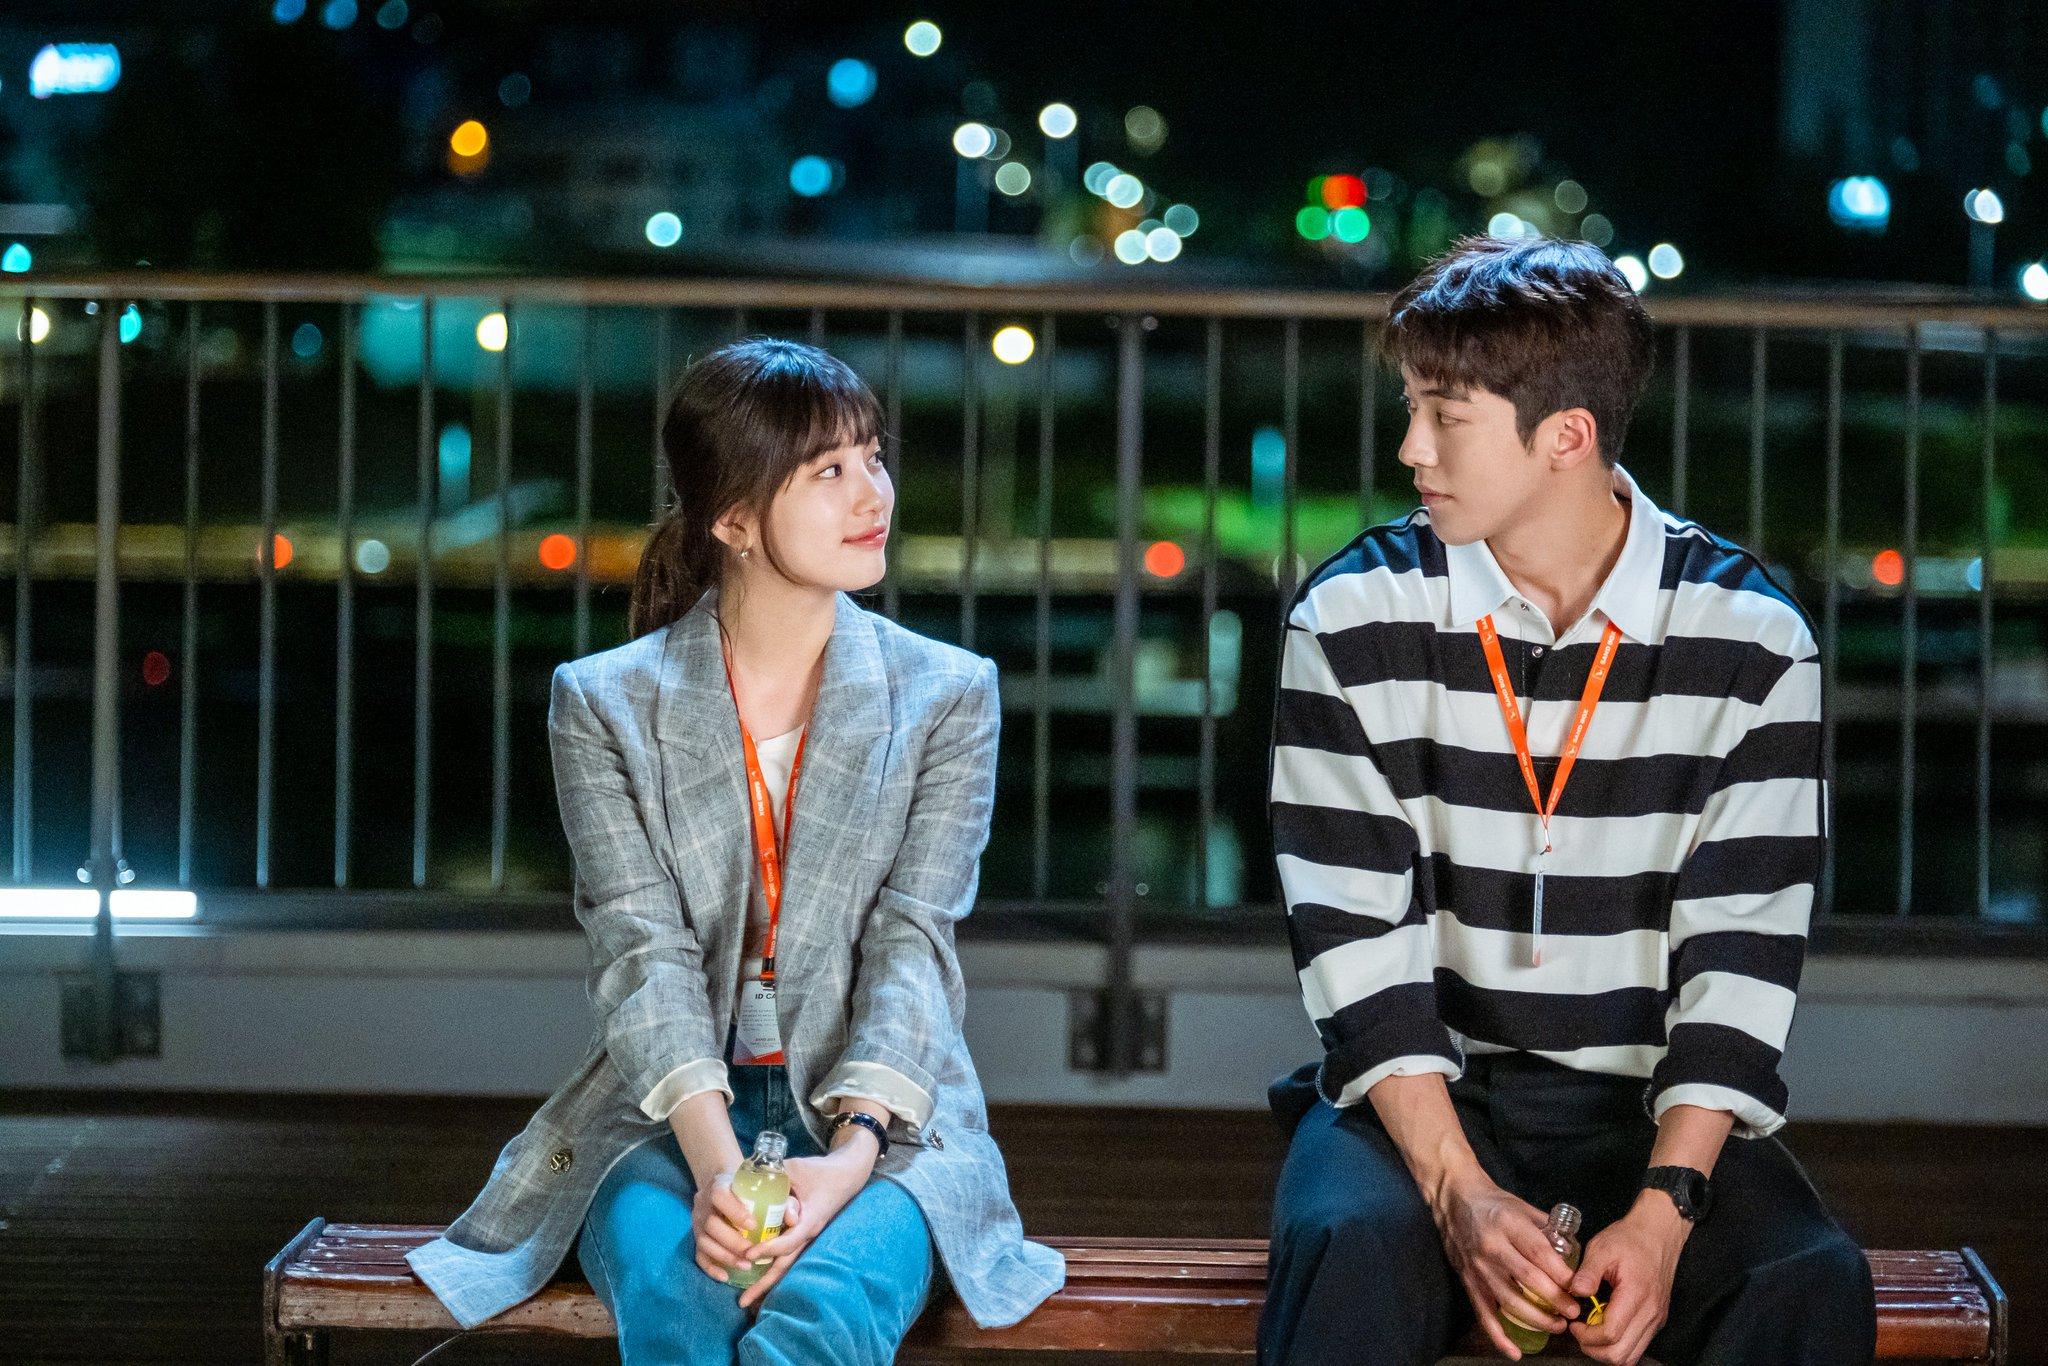 """netflixbrasil on Twitter: """"Algumas coisas sobre Apostando Alto, meu novo k-drama que chegou hoje. - Tem a Bae Suzy - Tem a Bae Suzy empreendedora genial do ramo da tecnologia - Bae Suzy e o Nam Joo Hyuk como um casal - Já falei da Bae Suzy ..."""